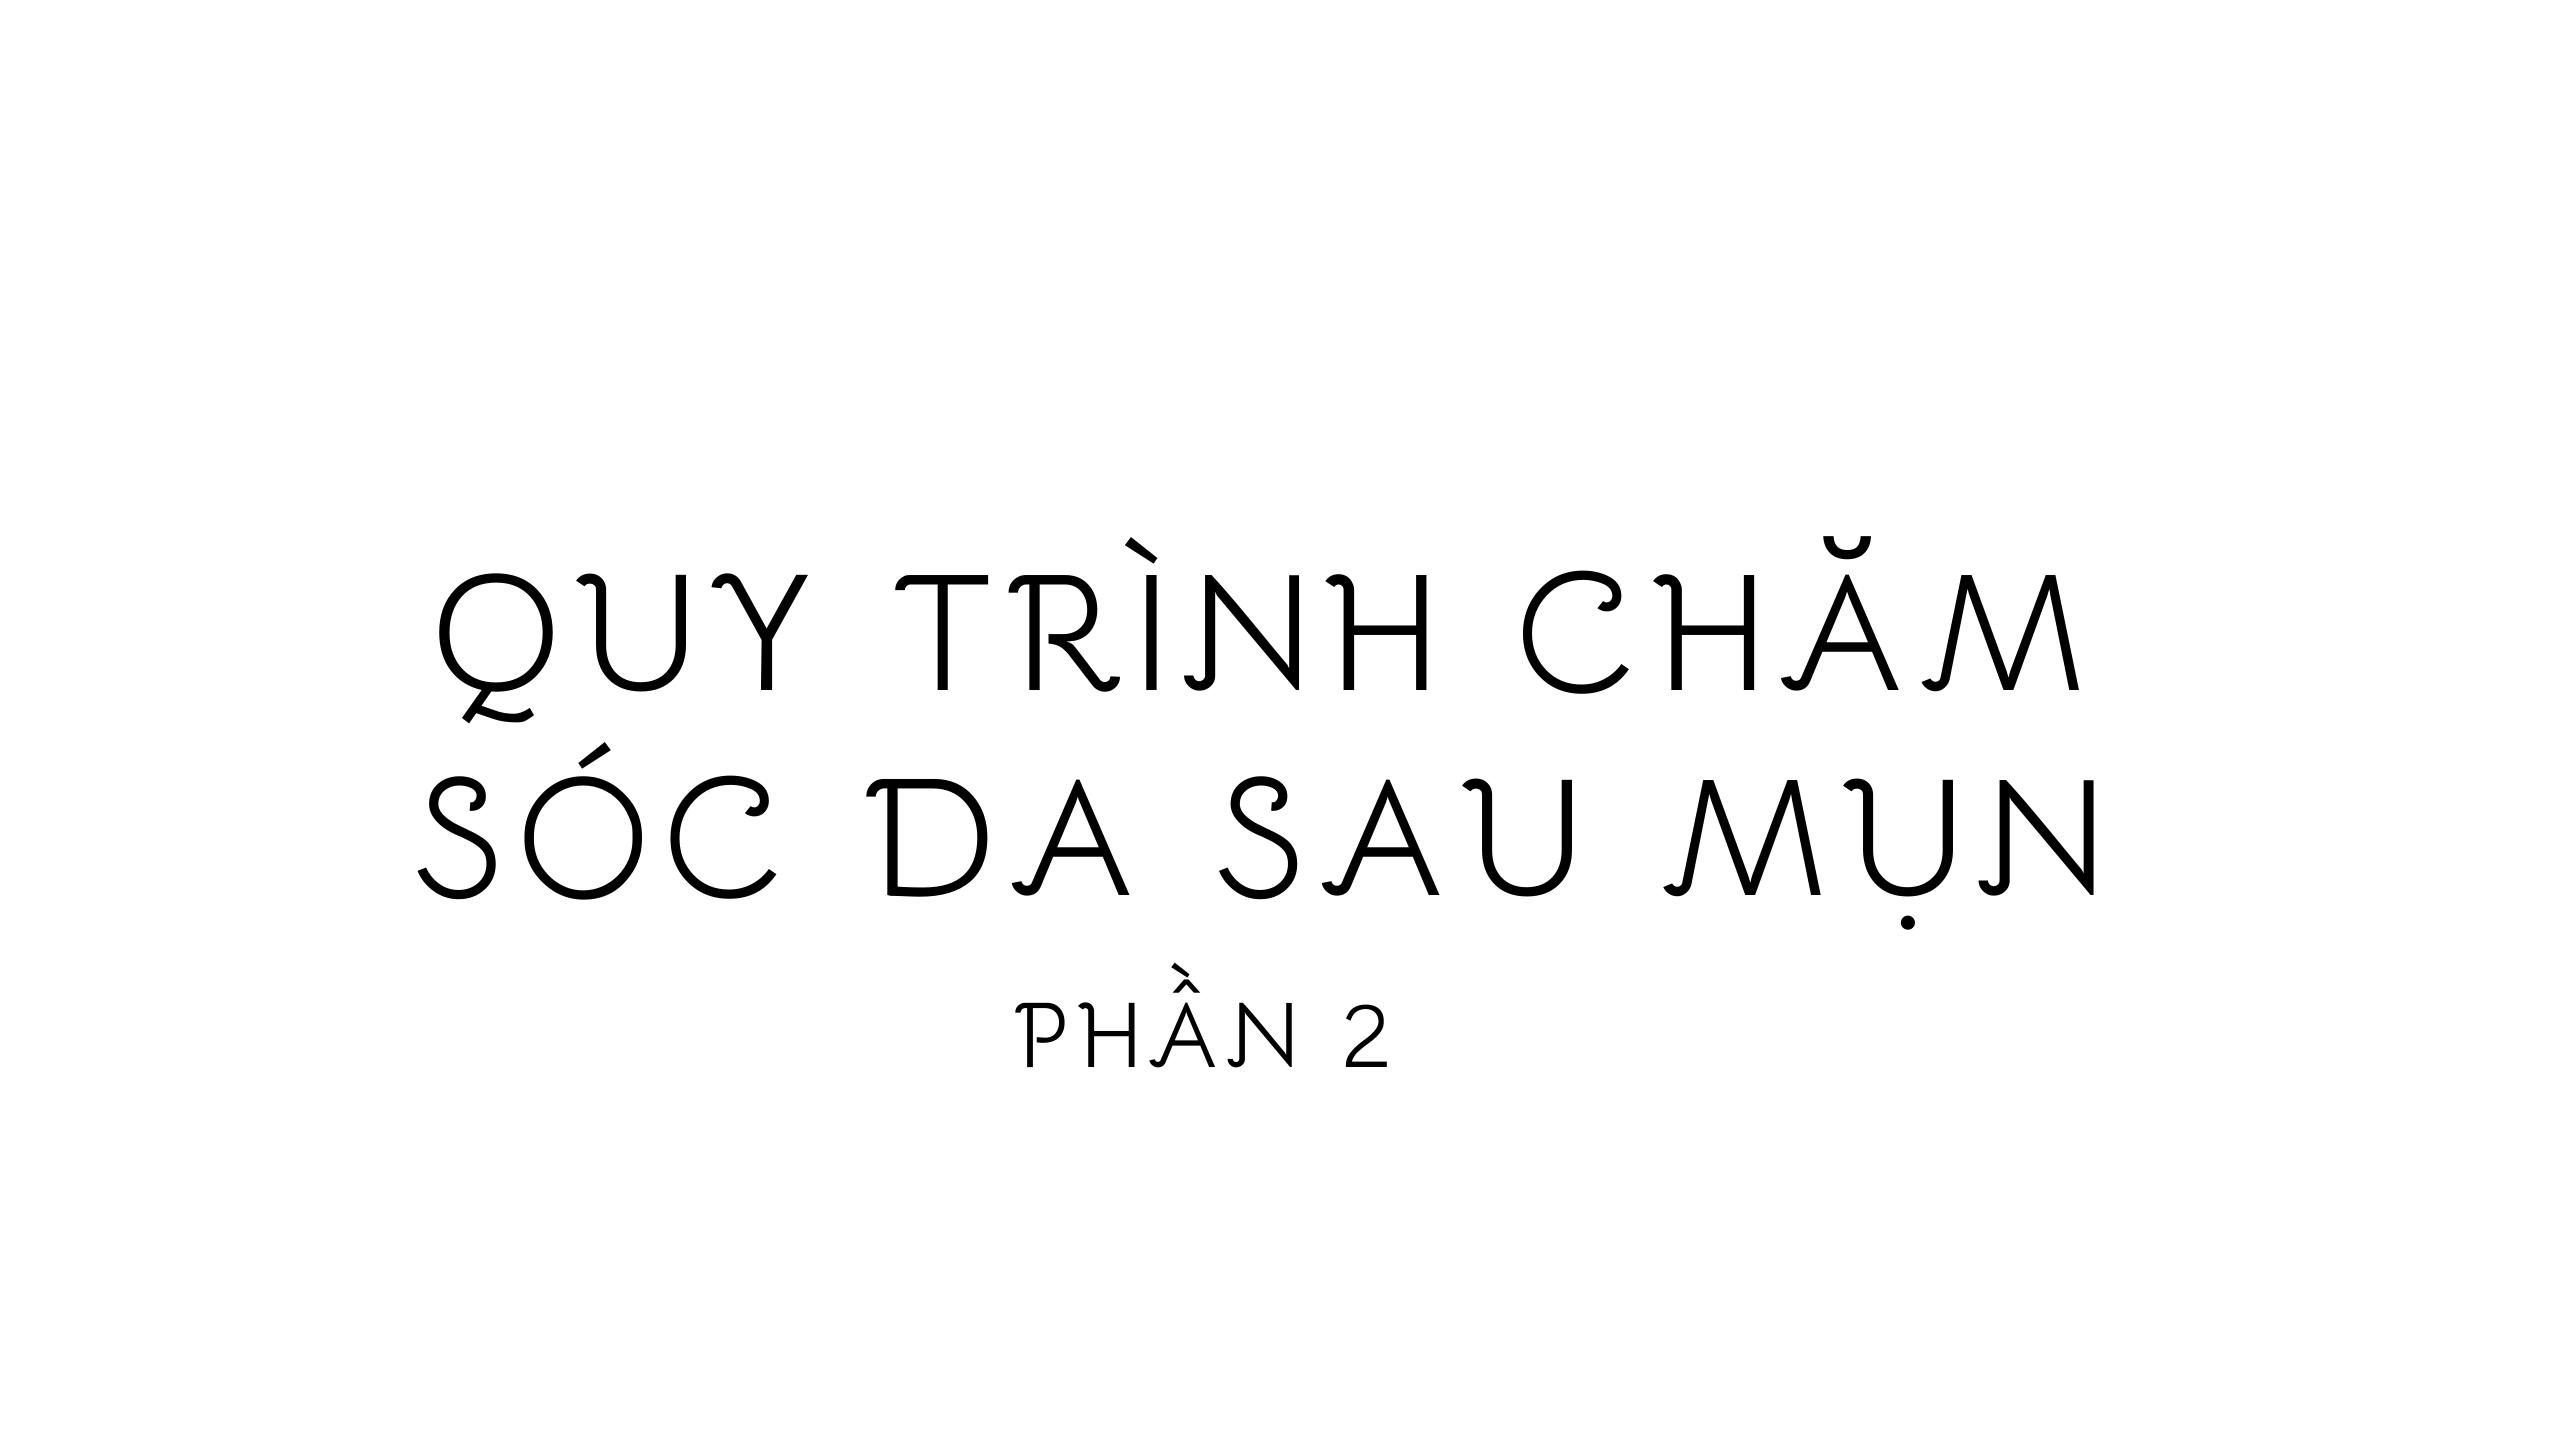 7 BƯỚC ĐẨY LÙI MỤN MỖI NGÀY-QUY TRÌNH CHĂM SÓC DA MỤN P2